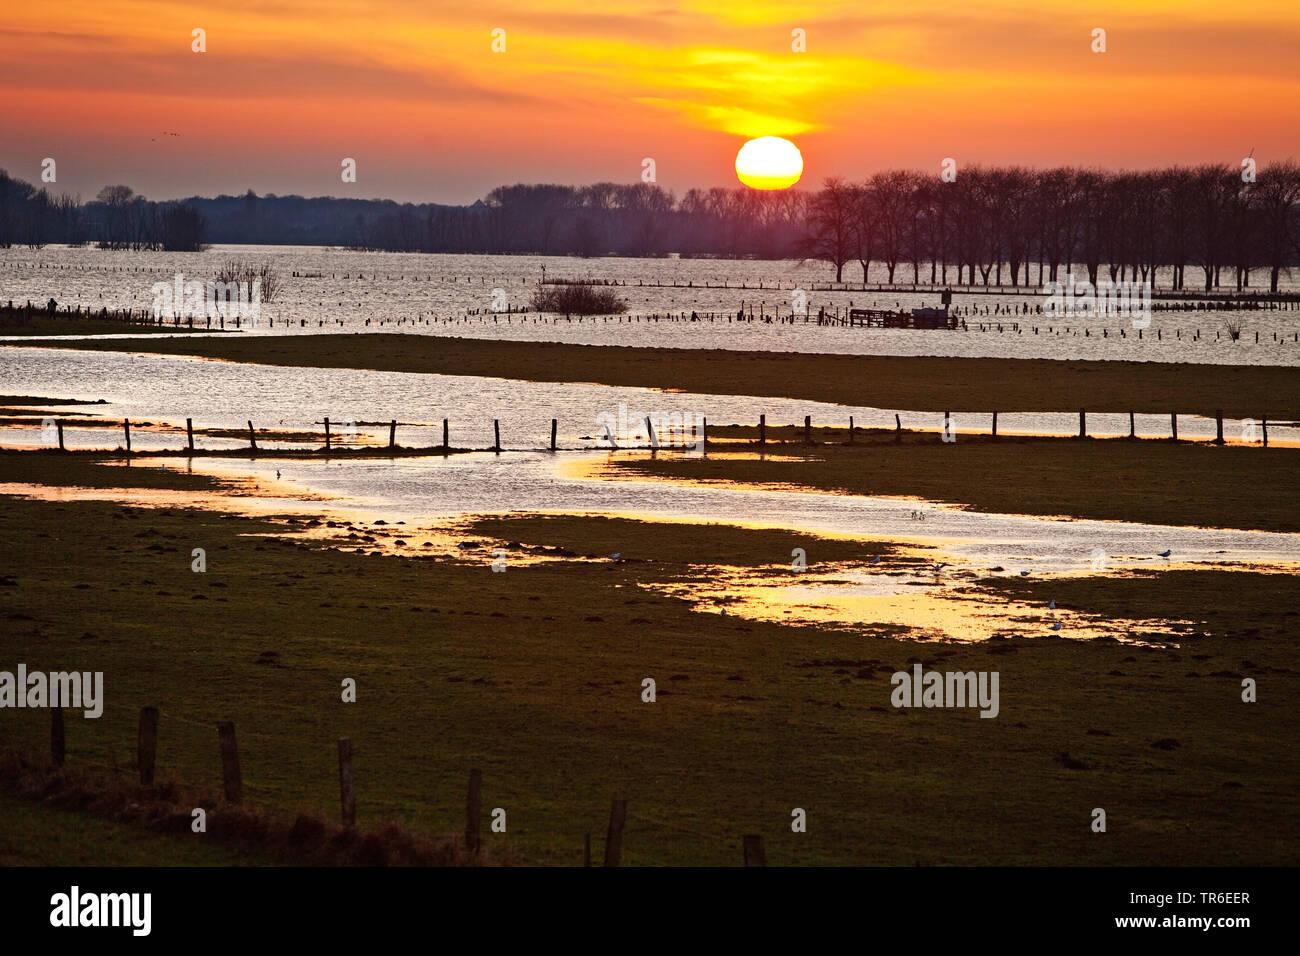 Bislicher Insel bei Hochwasser, Auenlandschaft bei Sonnenuntergang, Deutschland, Nordrhein-Westfalen, Ruhrgebiet, Wesel | nature conservation area Bis - Stock Image